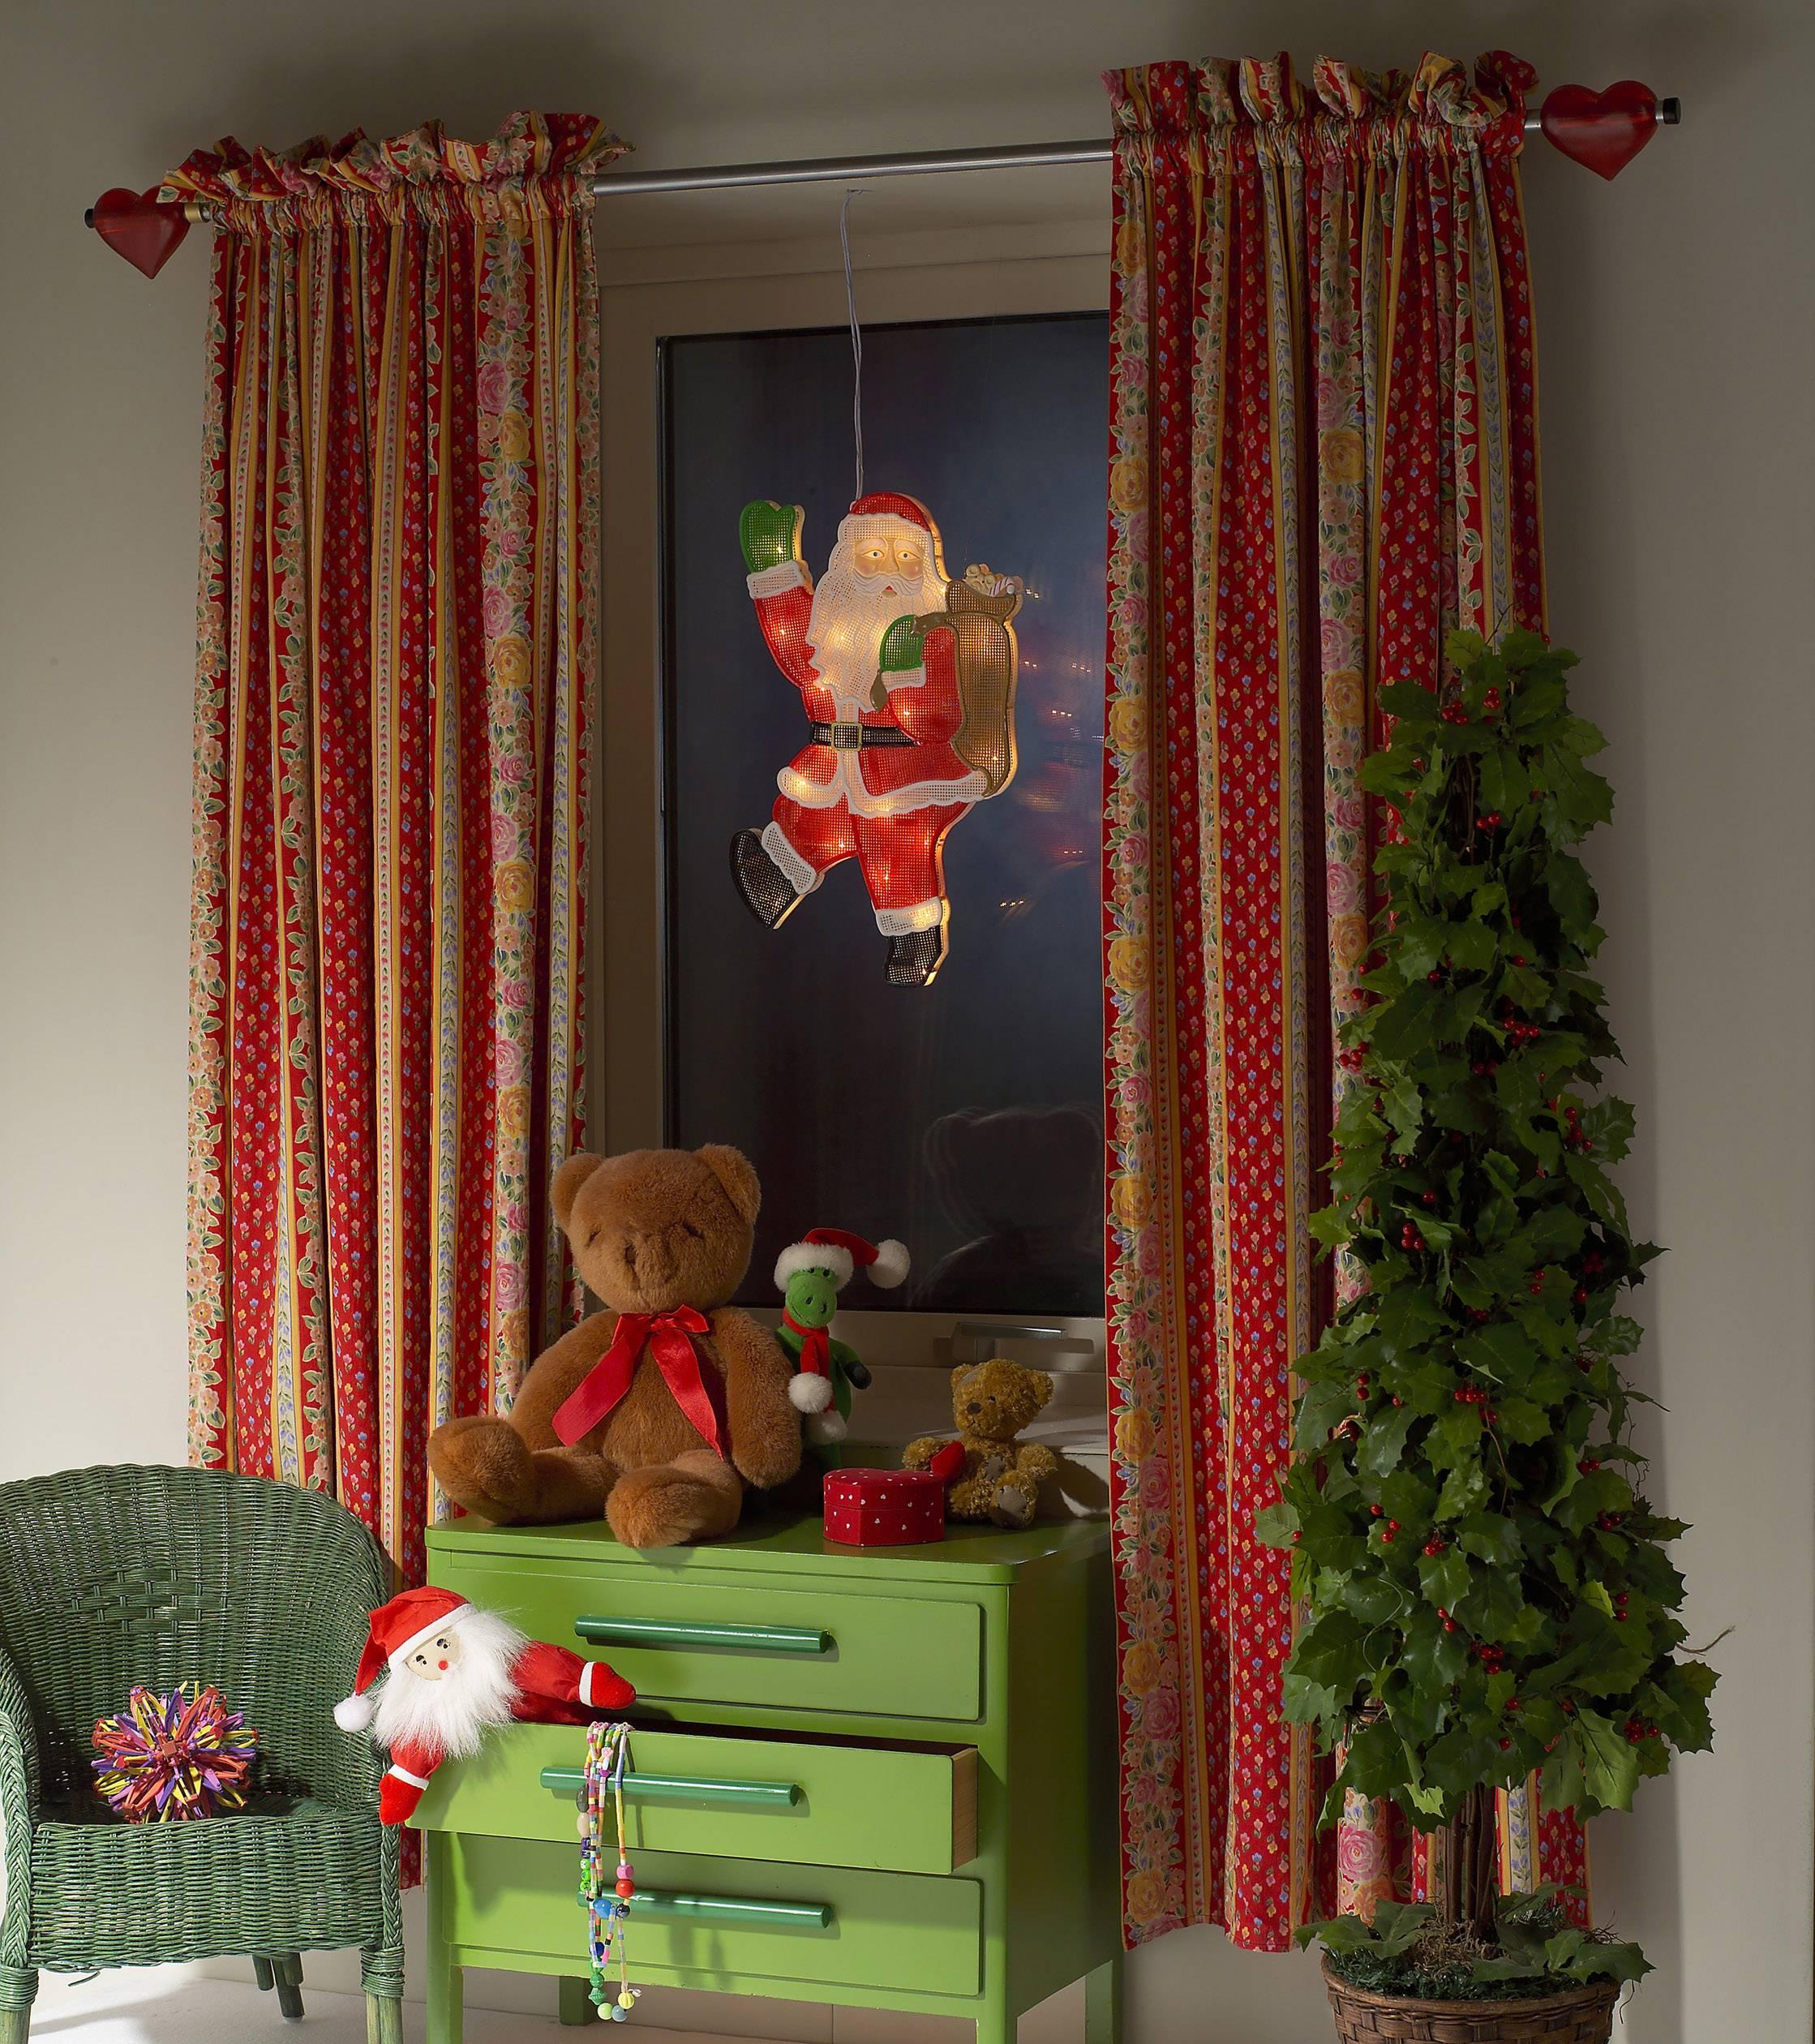 LED okenní dekorační osvětlení Santa Claus Konstsmide 2850-010 2850-010, teplá bílá